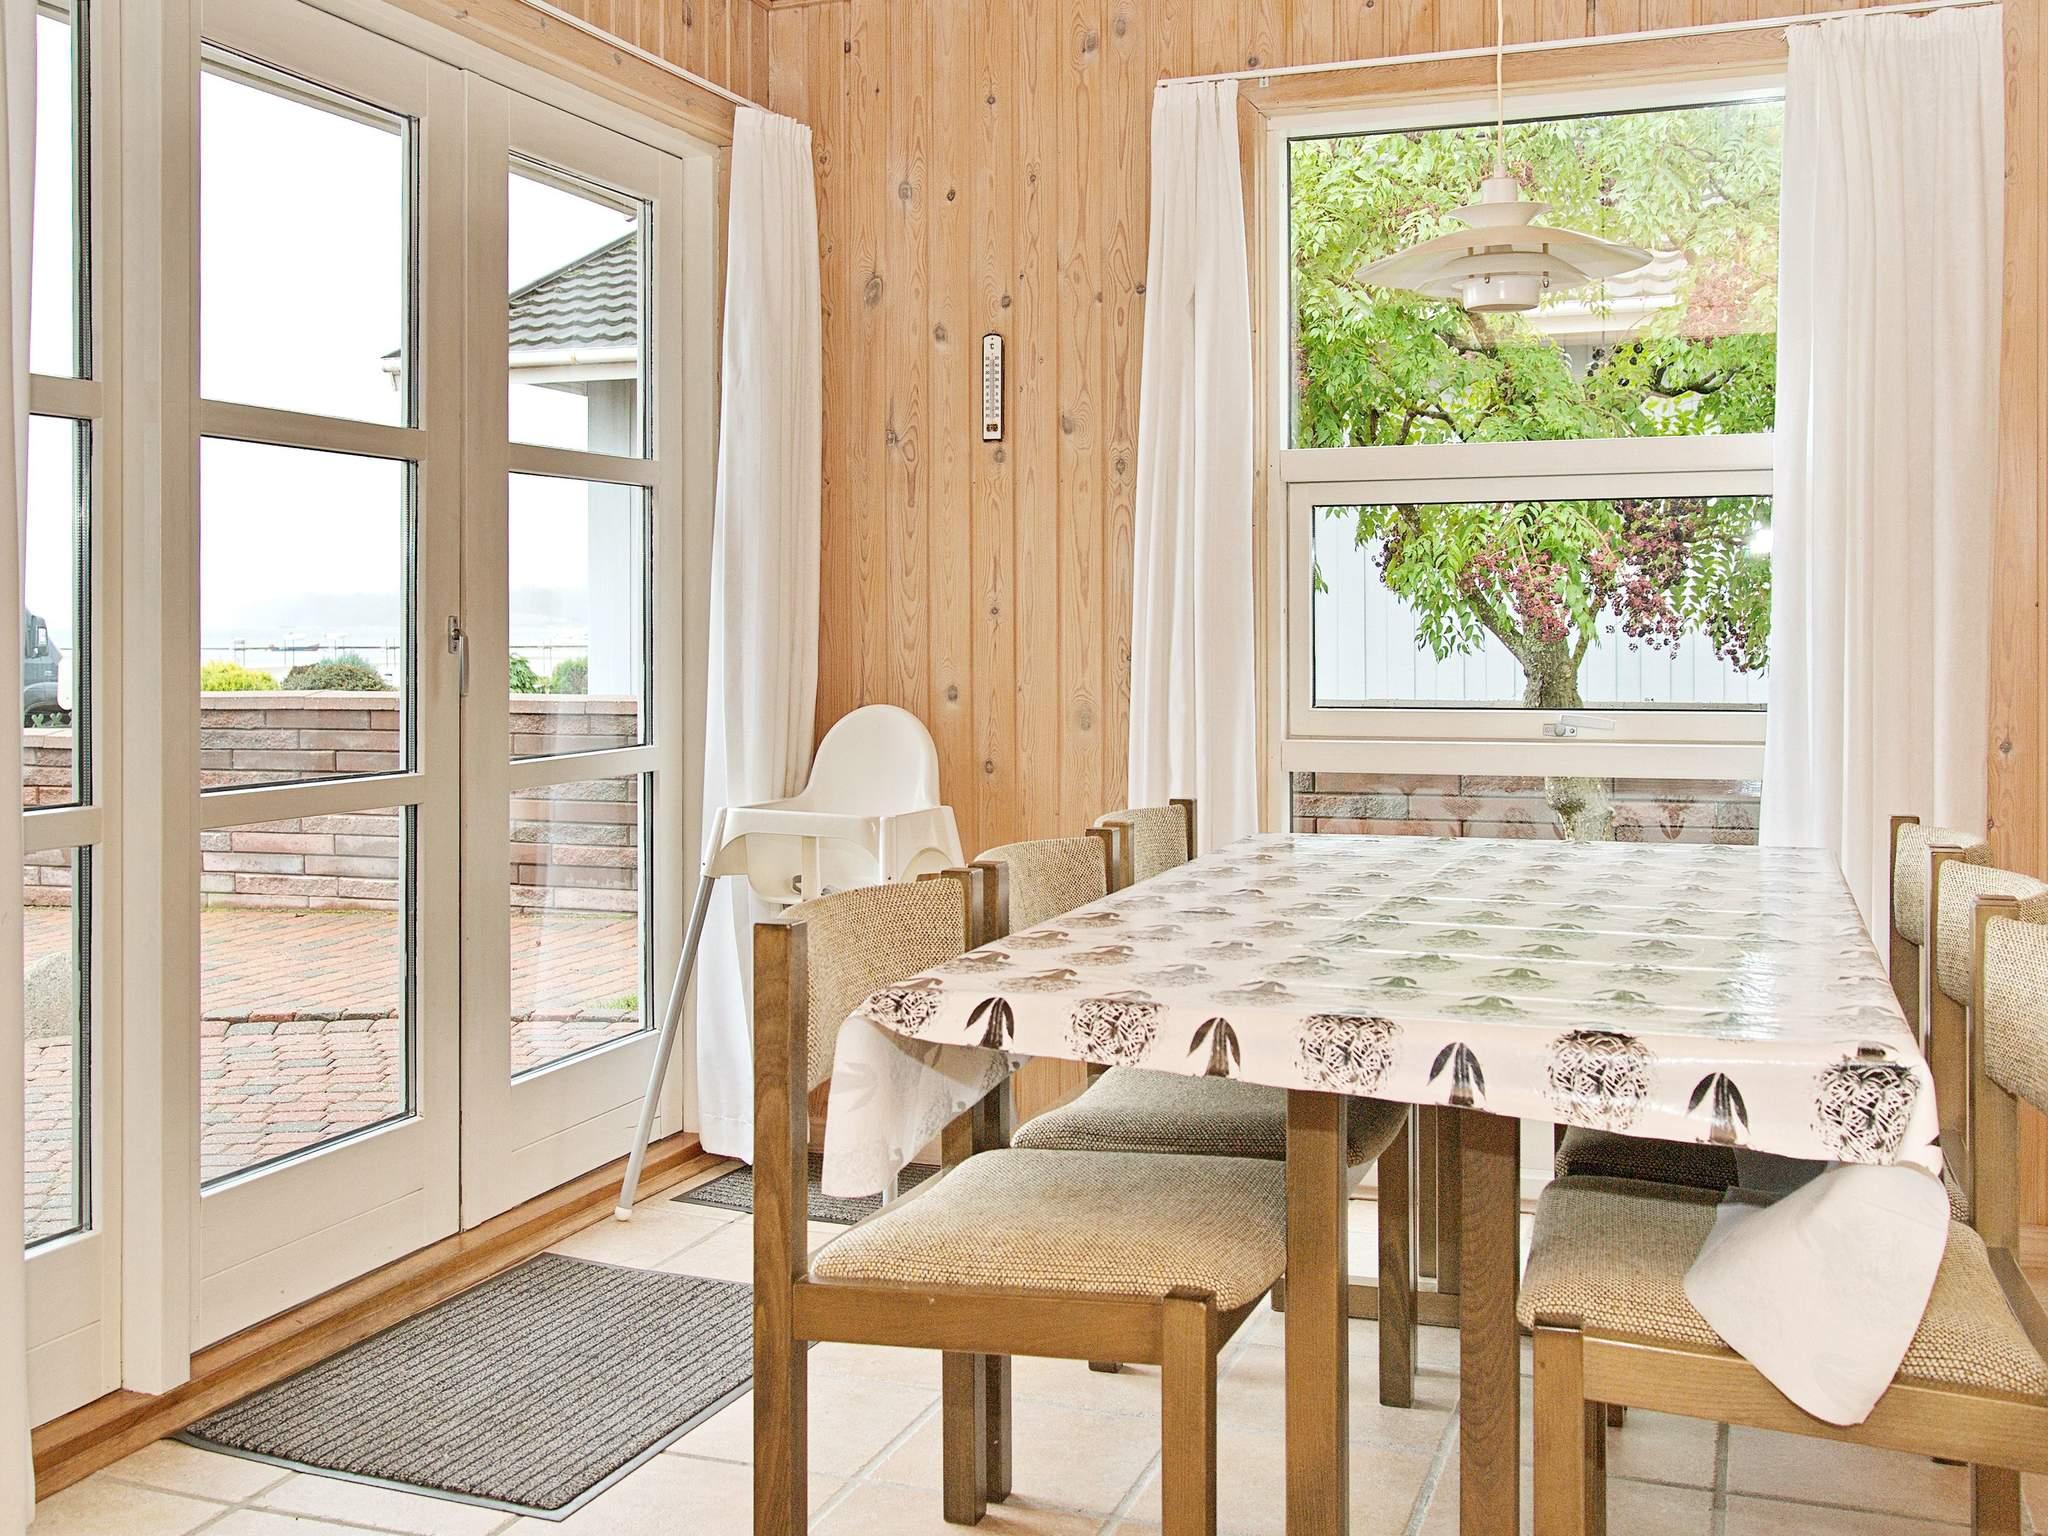 Ferienhaus Binderup Strand (82391), Binderup, , Südostjütland, Dänemark, Bild 6